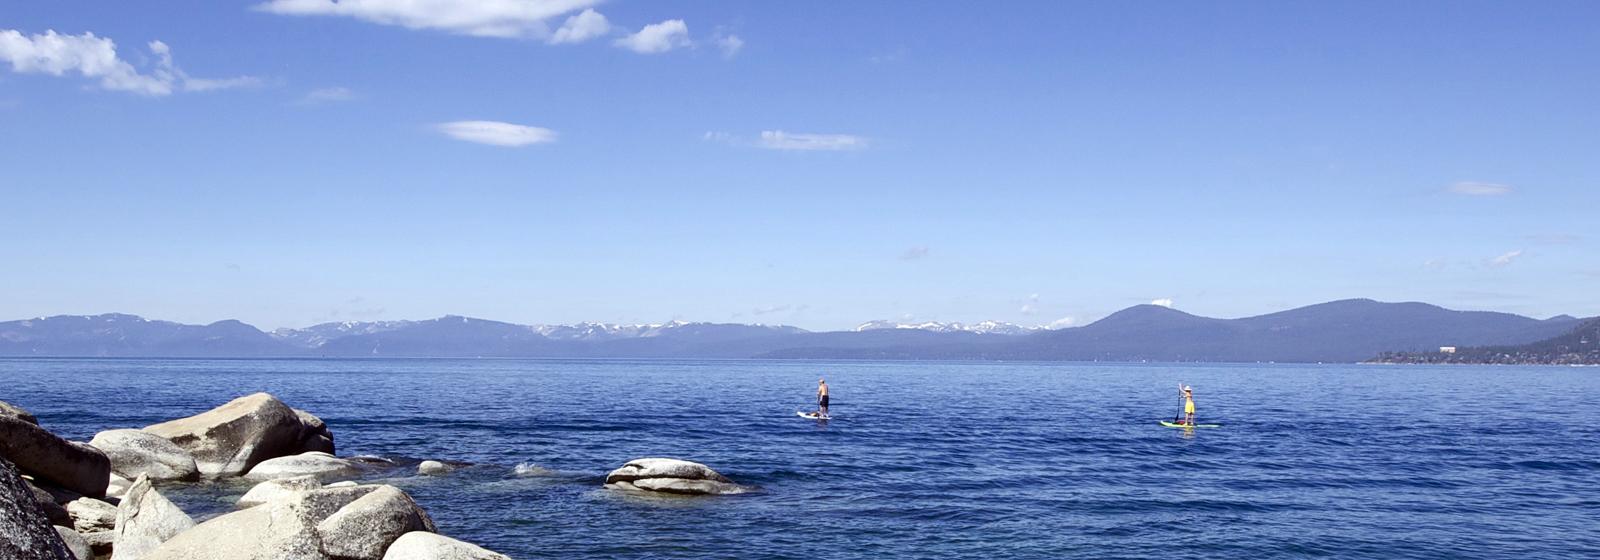 Tahoe-paddleboard-15x.jpg